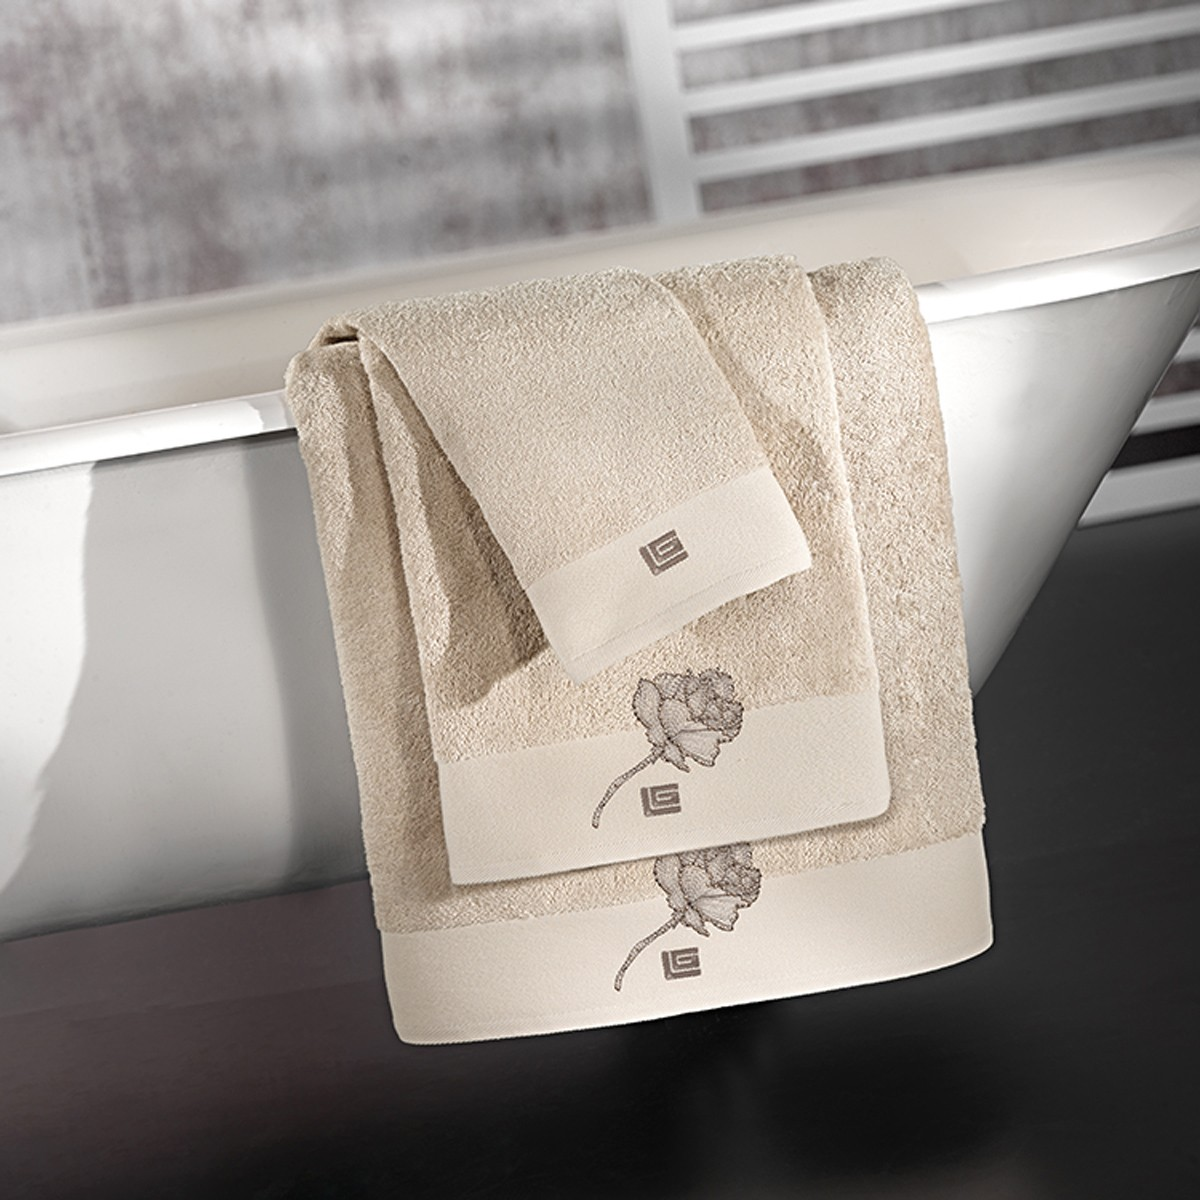 Πετσέτες Μπάνιου (Σετ 3τμχ) Guy Laroche Celia Natural